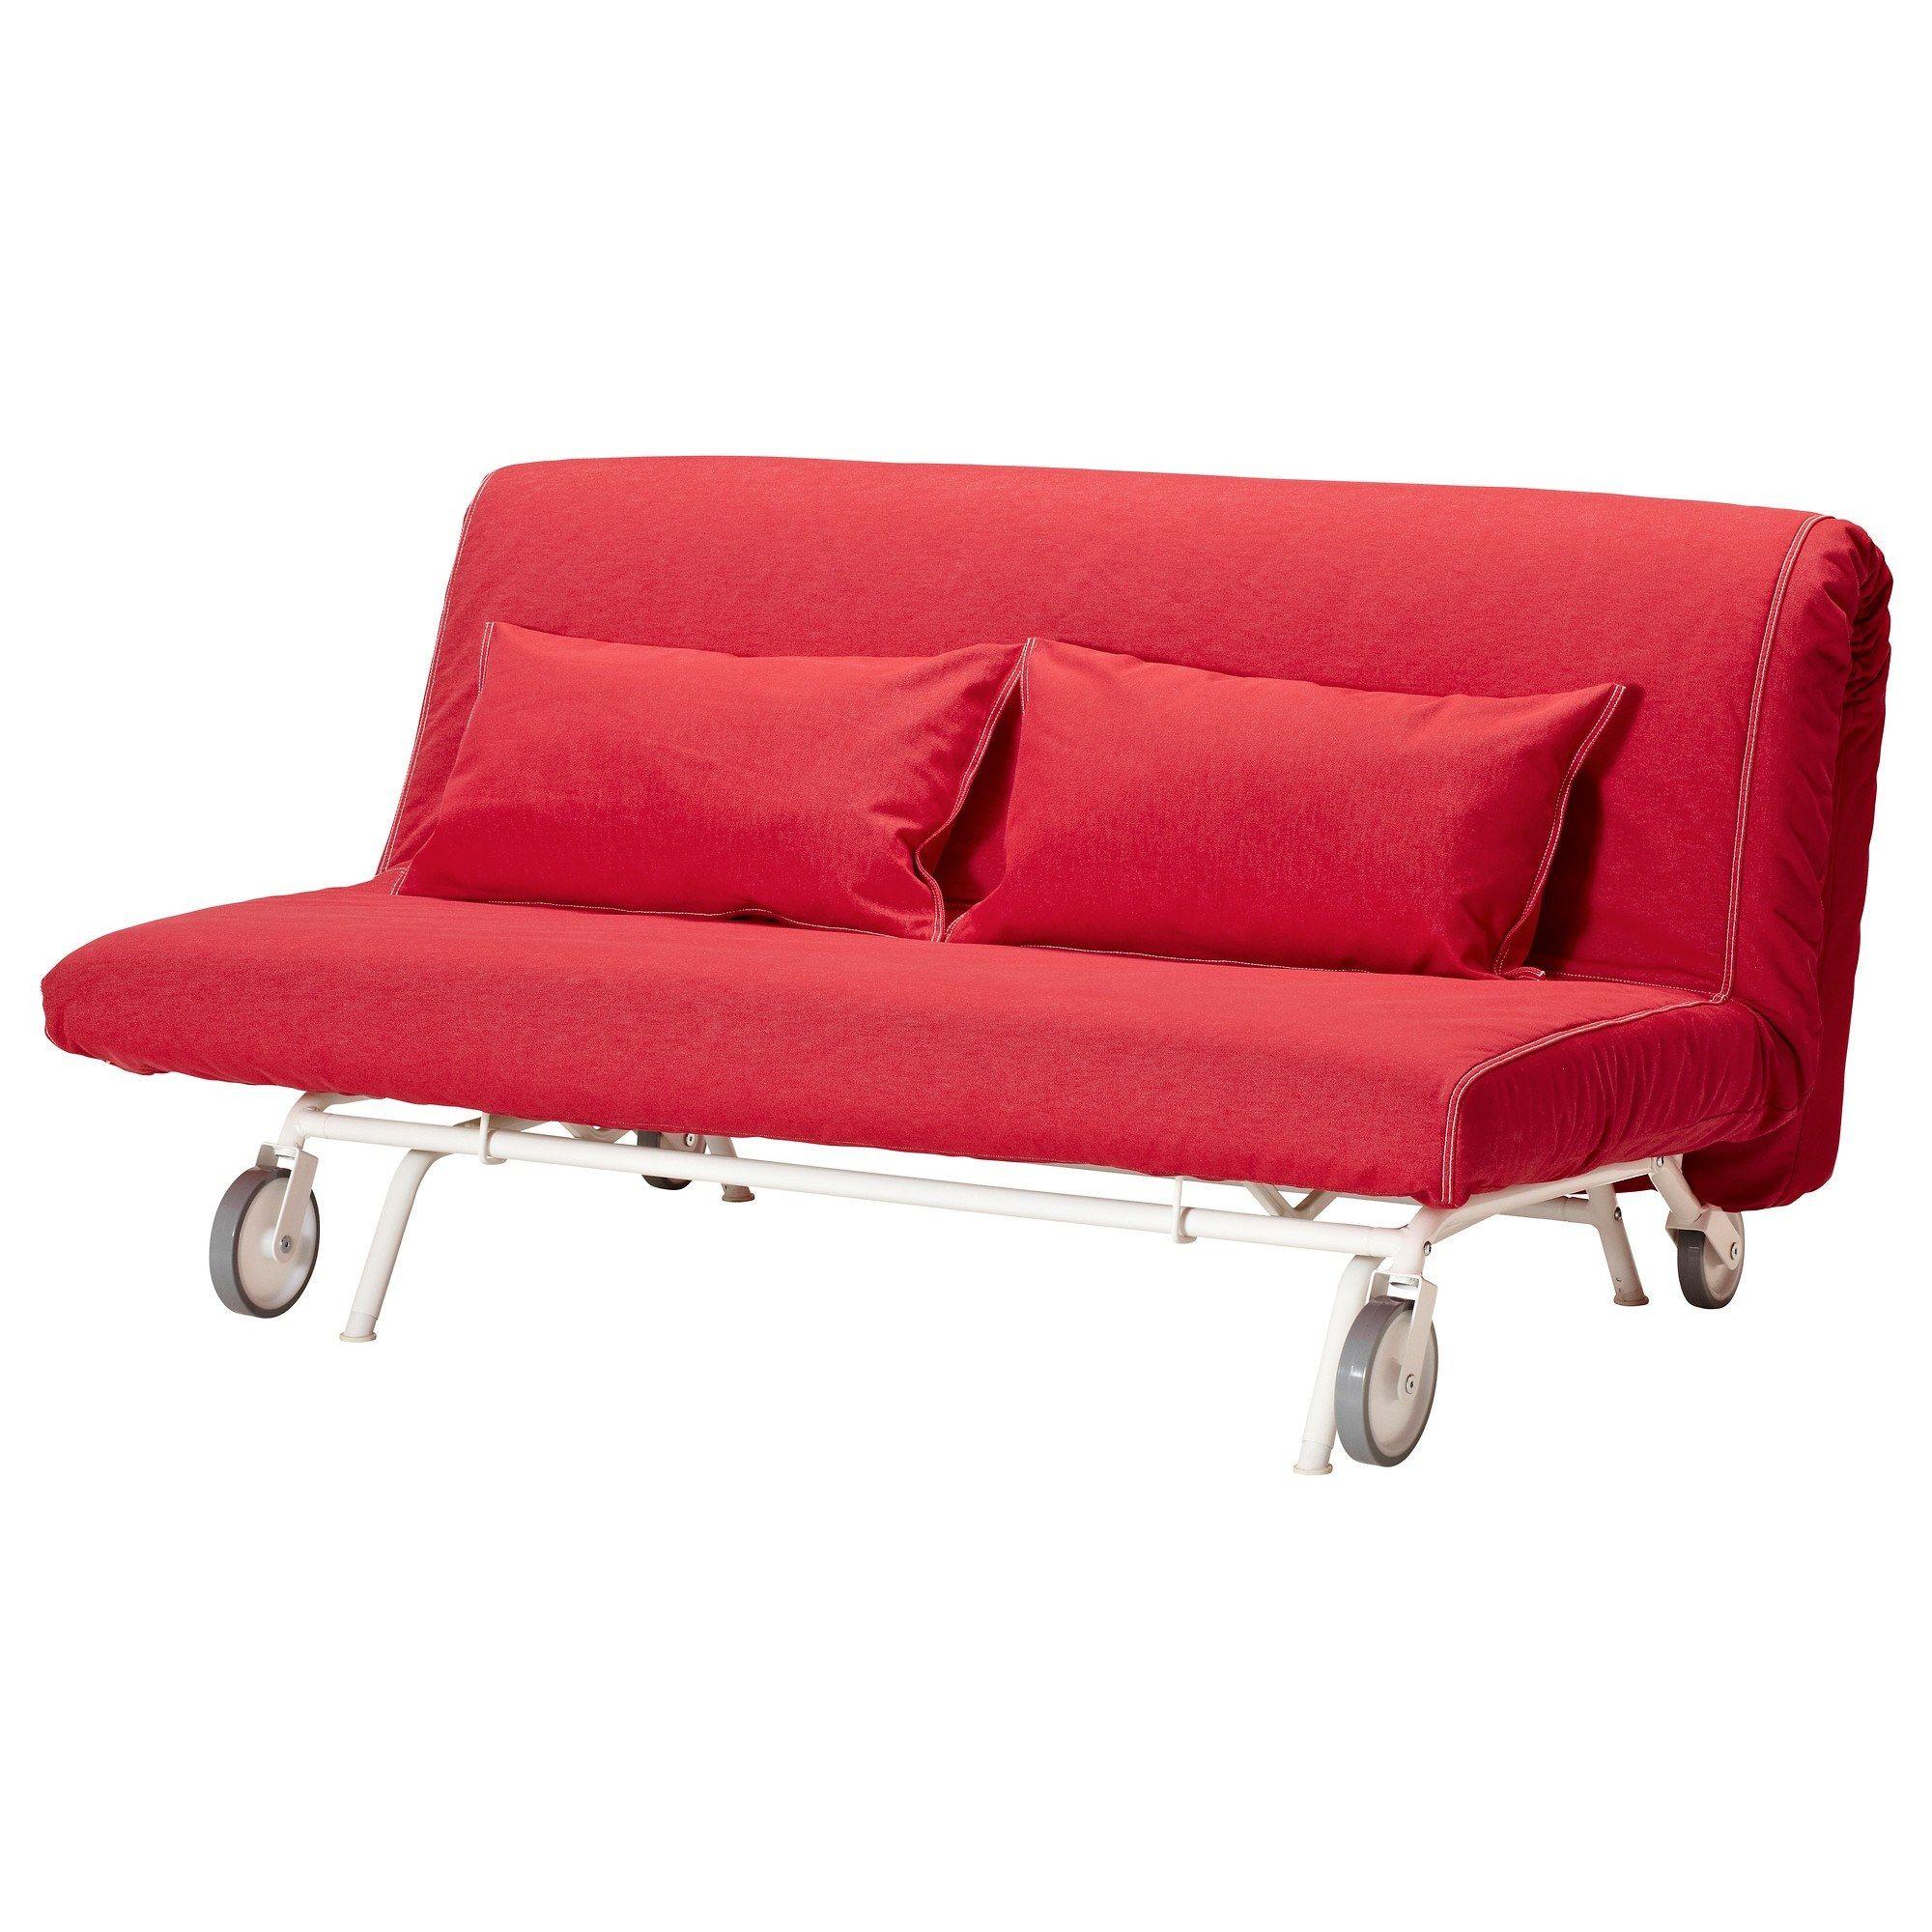 Slaapbanken Ikea Slaapbank Ikea Bed Slaapstoel